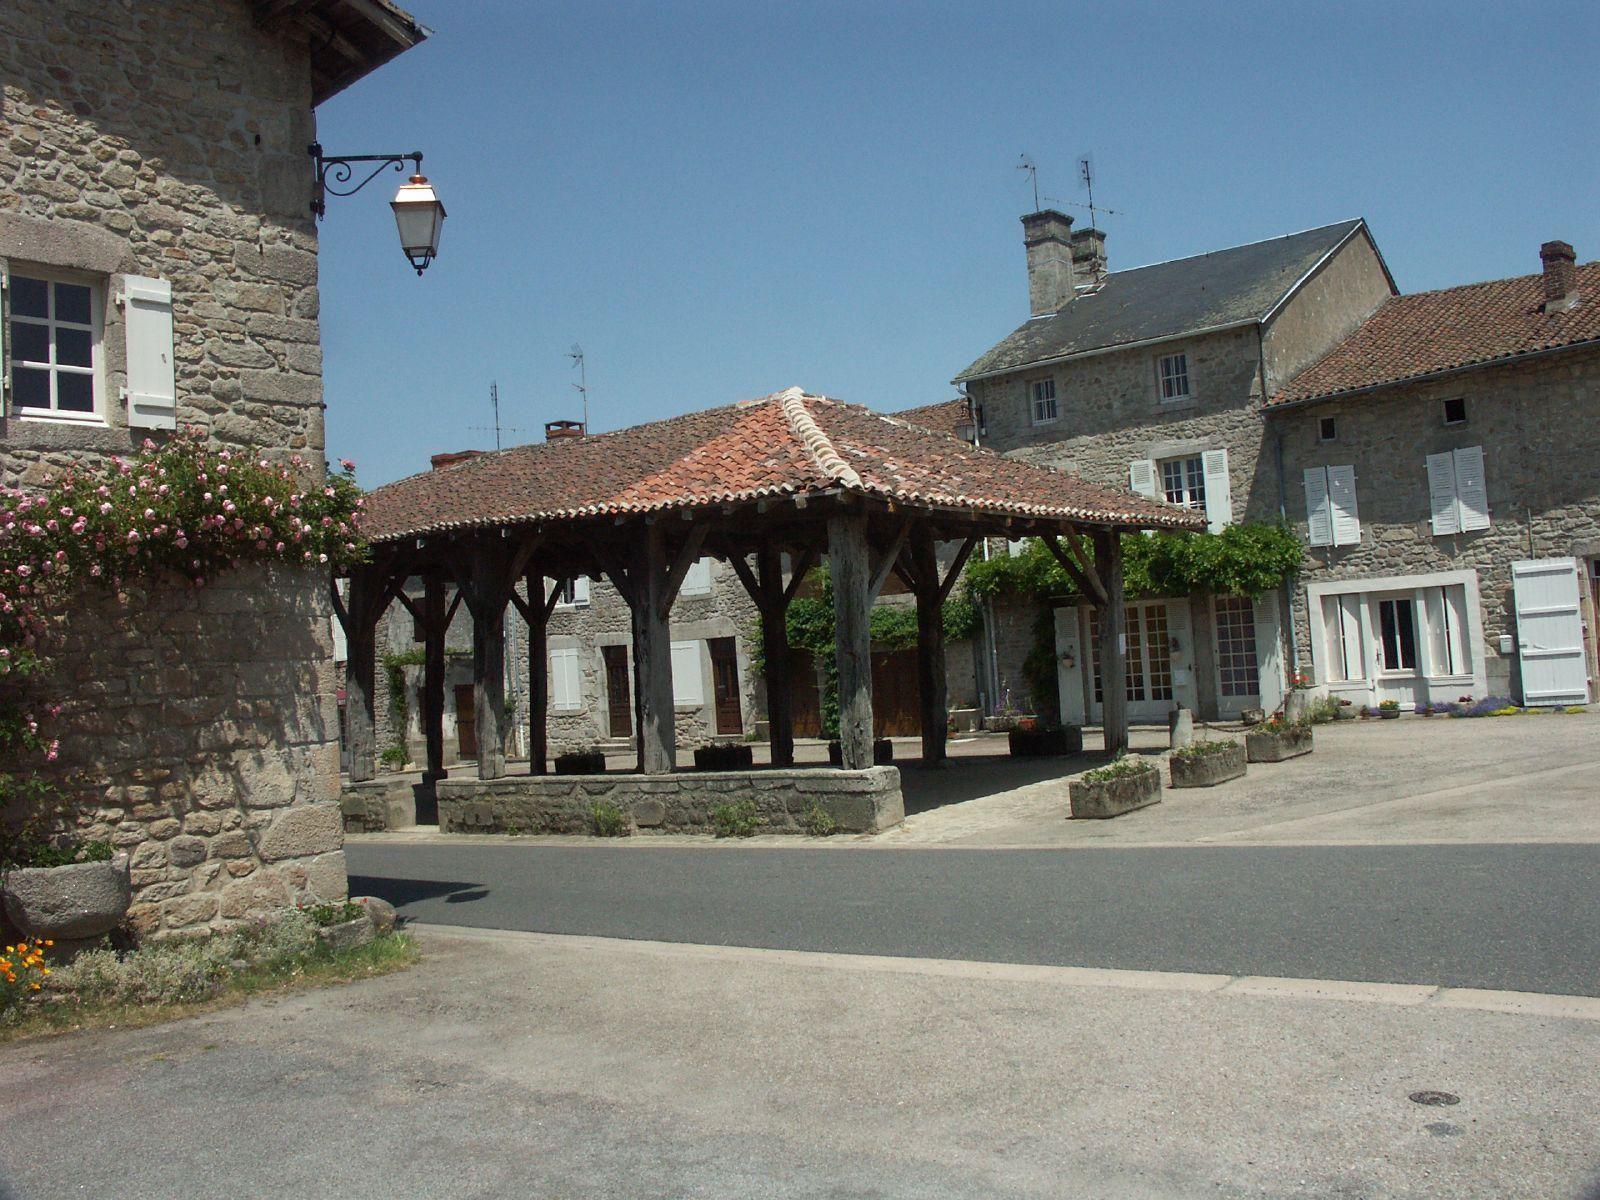 Villes remarquables et beaux villages de france haute for 87 haute vienne france